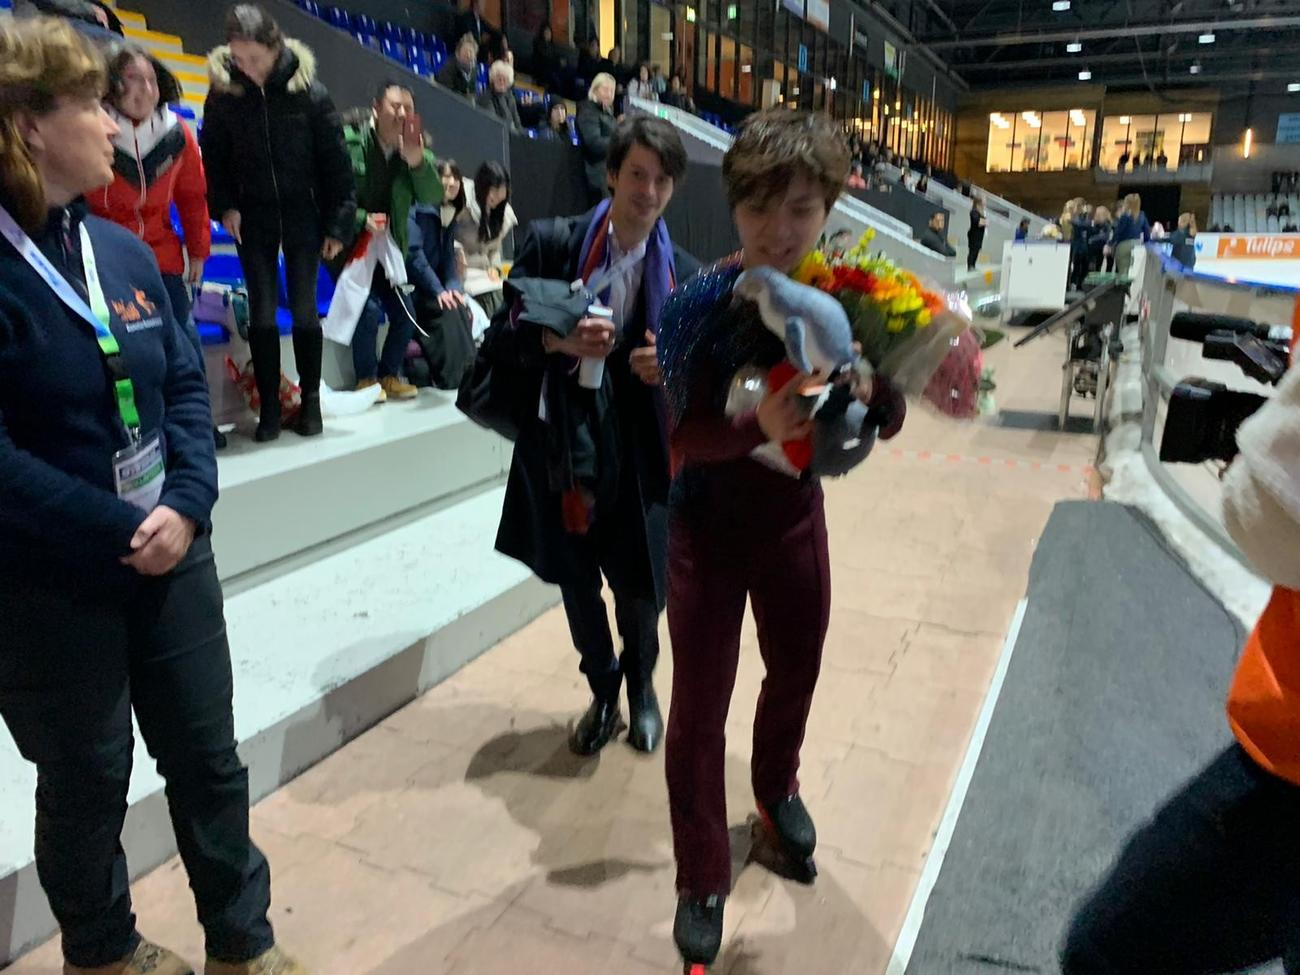 チャレンジ・カップの男子ショートプログラムを終えた宇野昌磨(右)とステファン・ランビエル・コーチ(右から2人目)(撮影・エリーヌ・スウェーブルス通信員)